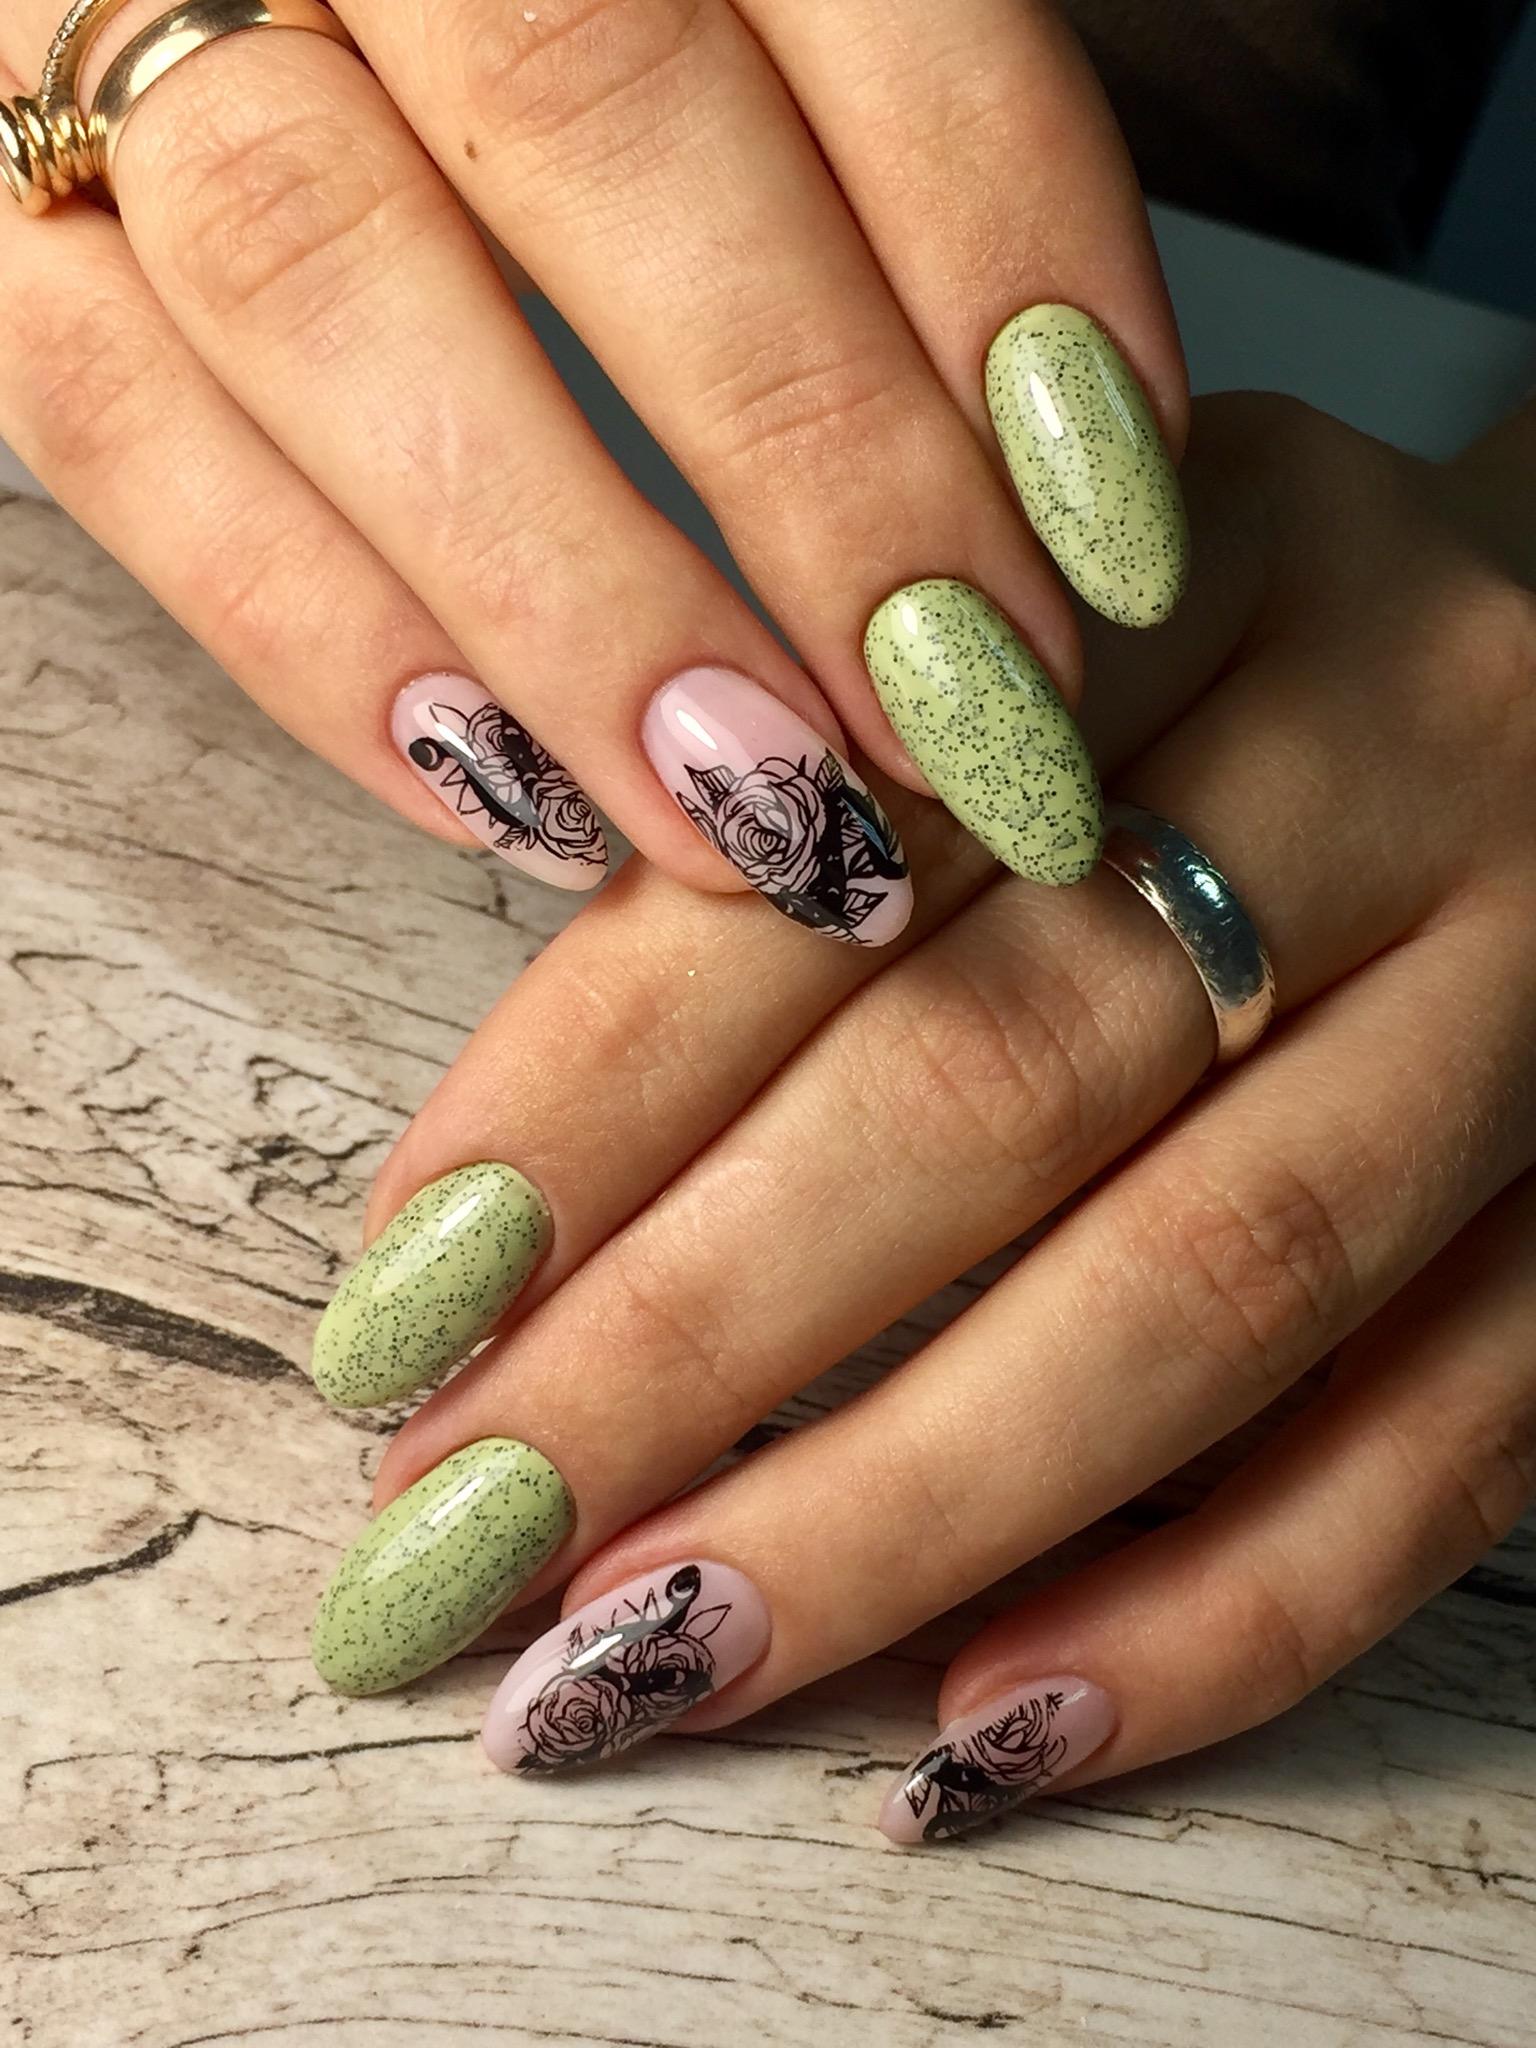 Маникюр с цветочными слайдерами и блестками в фисташковом цвете на длинные ногти.